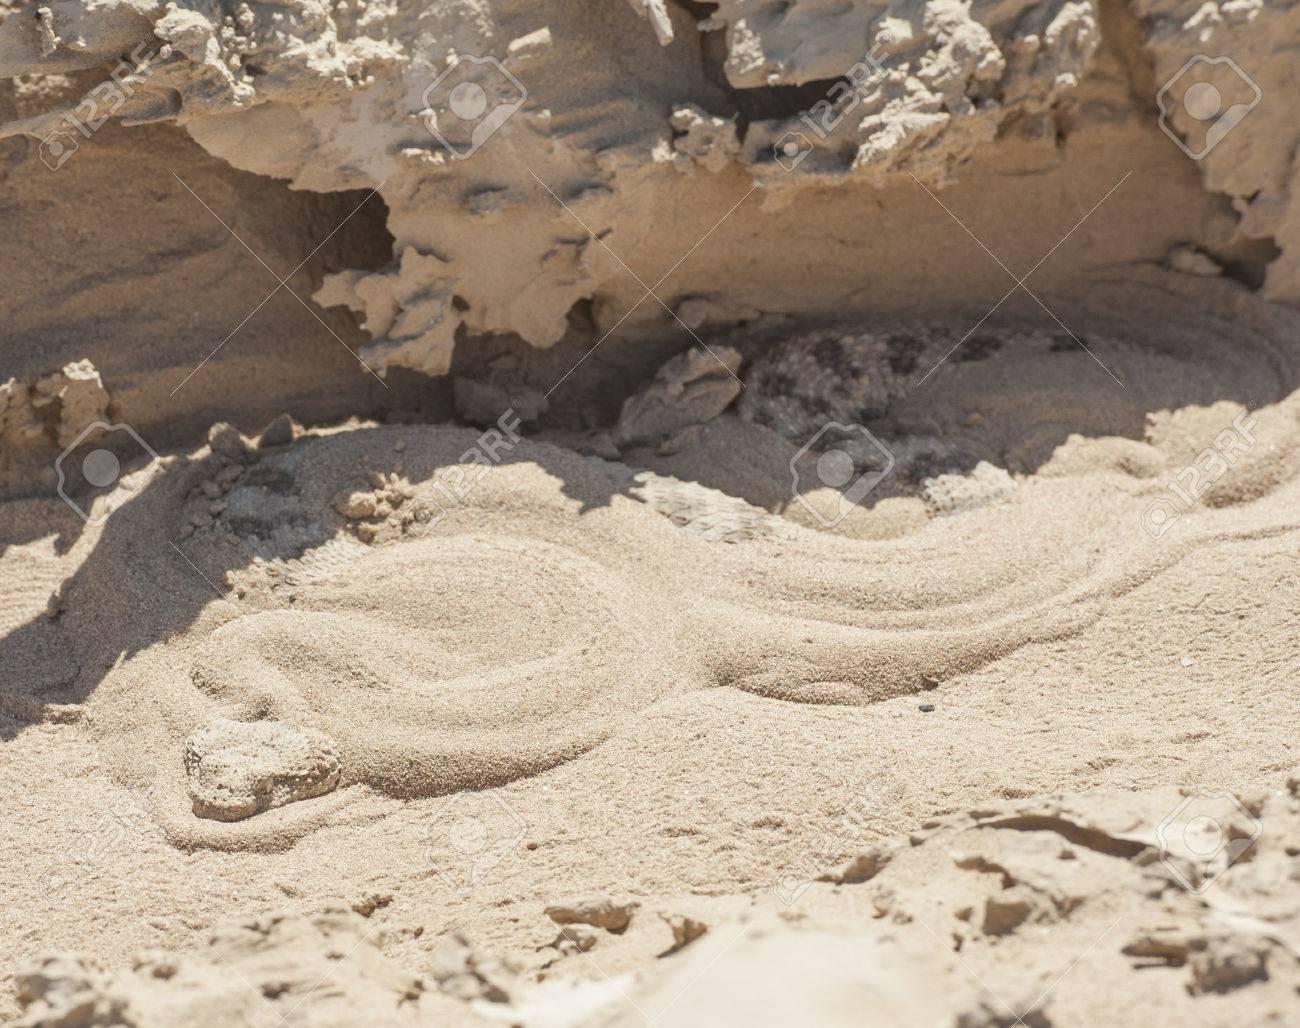 Egyptian Desert Viper Snake Cerastes Cerastes Buried In The Sand